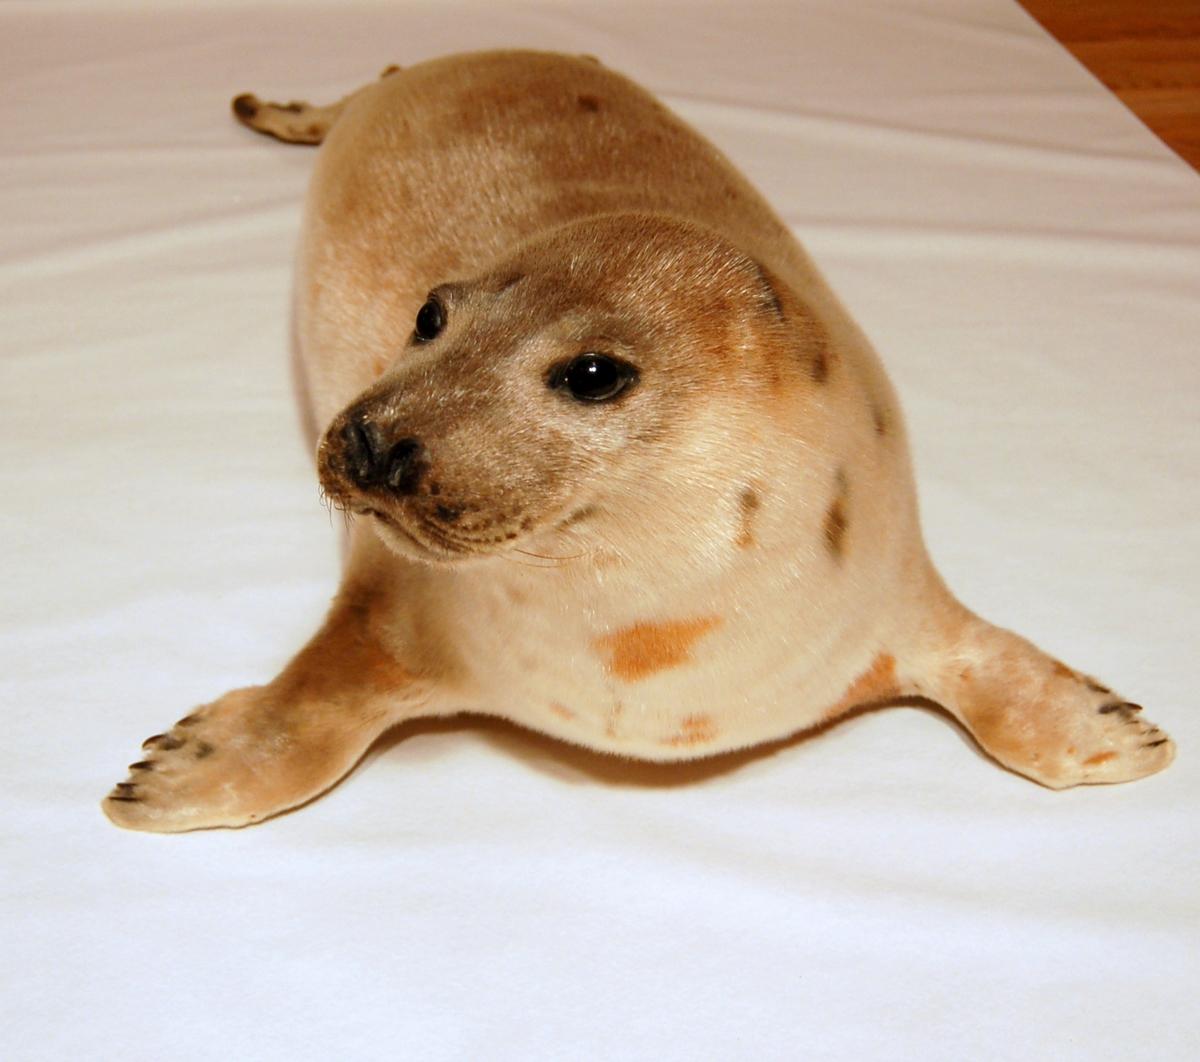 Brunselen er lysebrun i pelsen og med svart hode og rygg, med mørkere brune flekker over ryggen og på sidene. Dyret er utstoppet i liggende stilling.